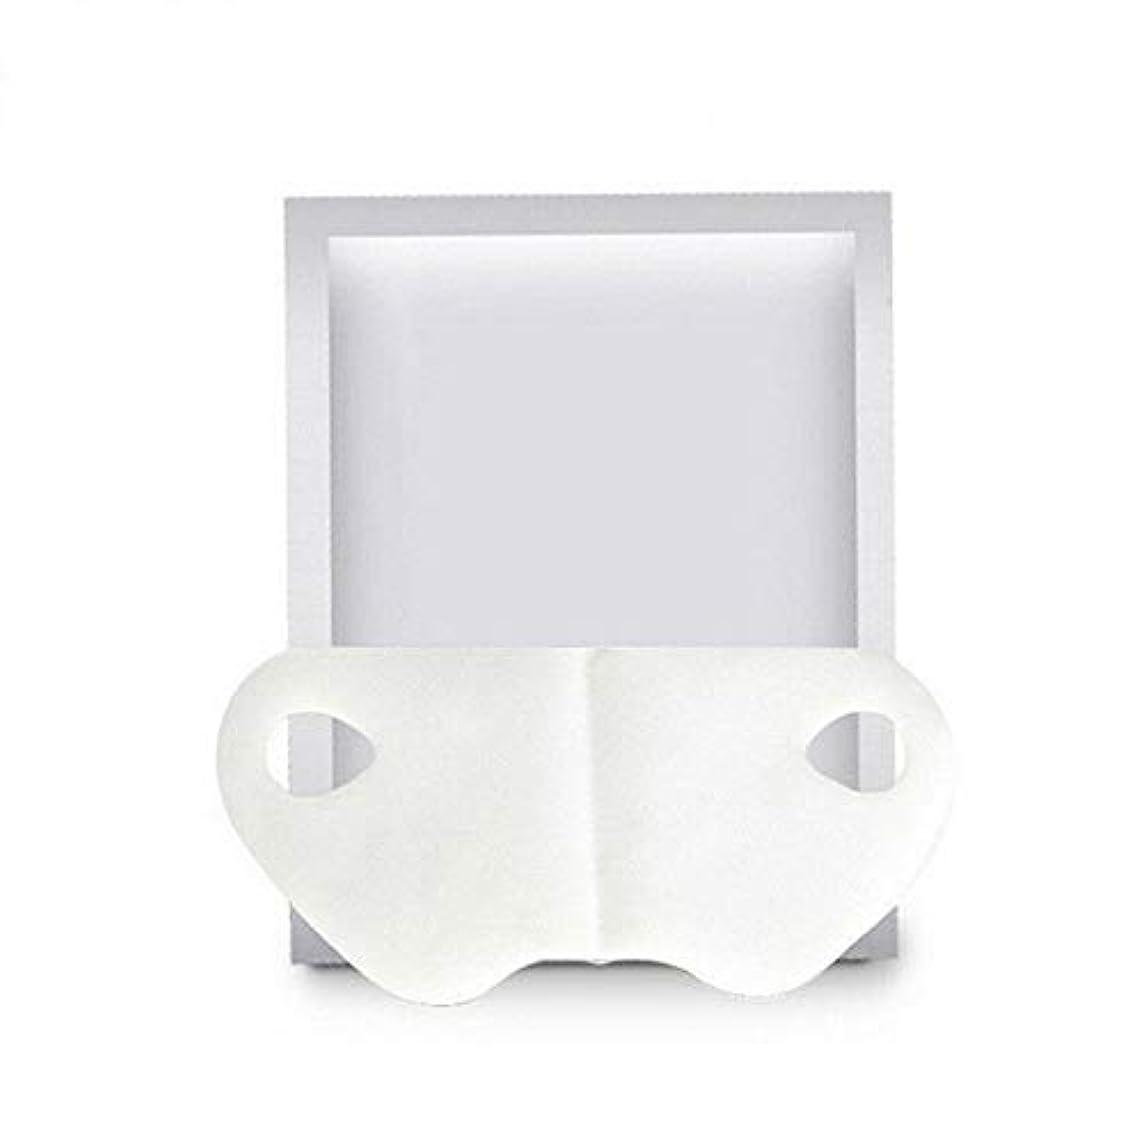 Aylincool   保湿フェイスファーミングマスクをホワイトニングするV字型スリミングフェイスマスク